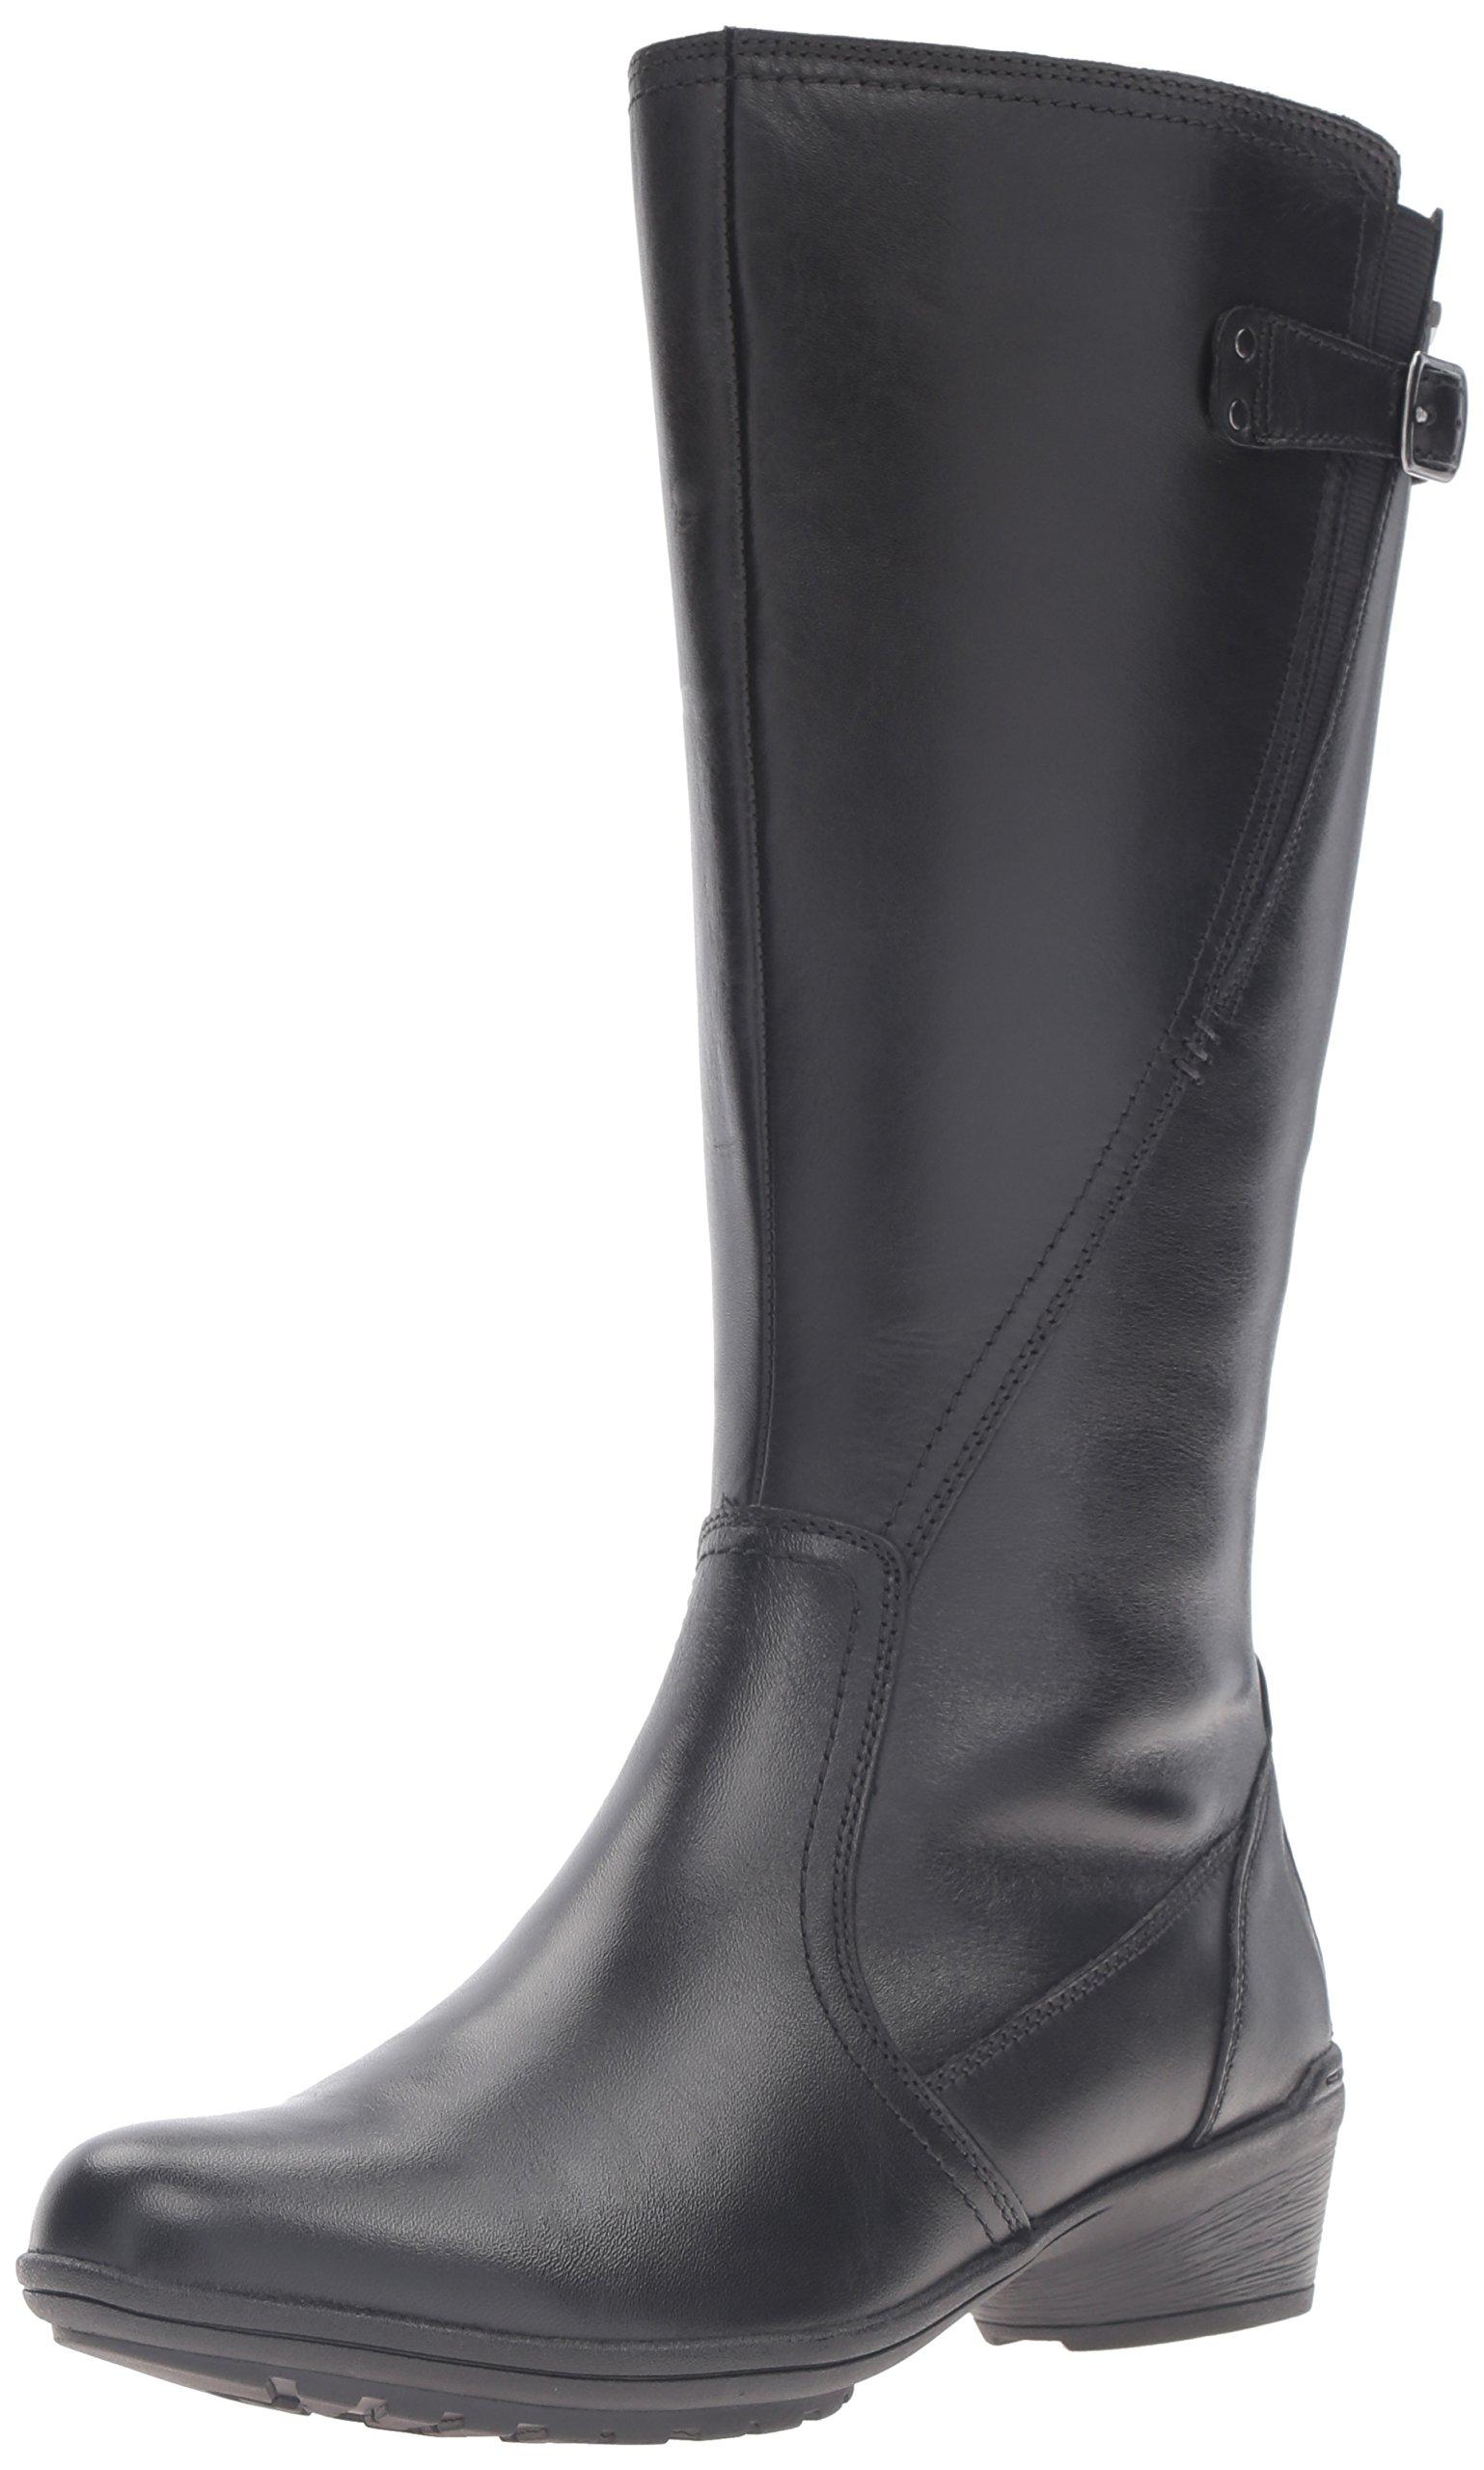 Rockport Cobb Hill Women's Cobb Hill Rayna Wide Calf Rain Boot, Black, 9 W US